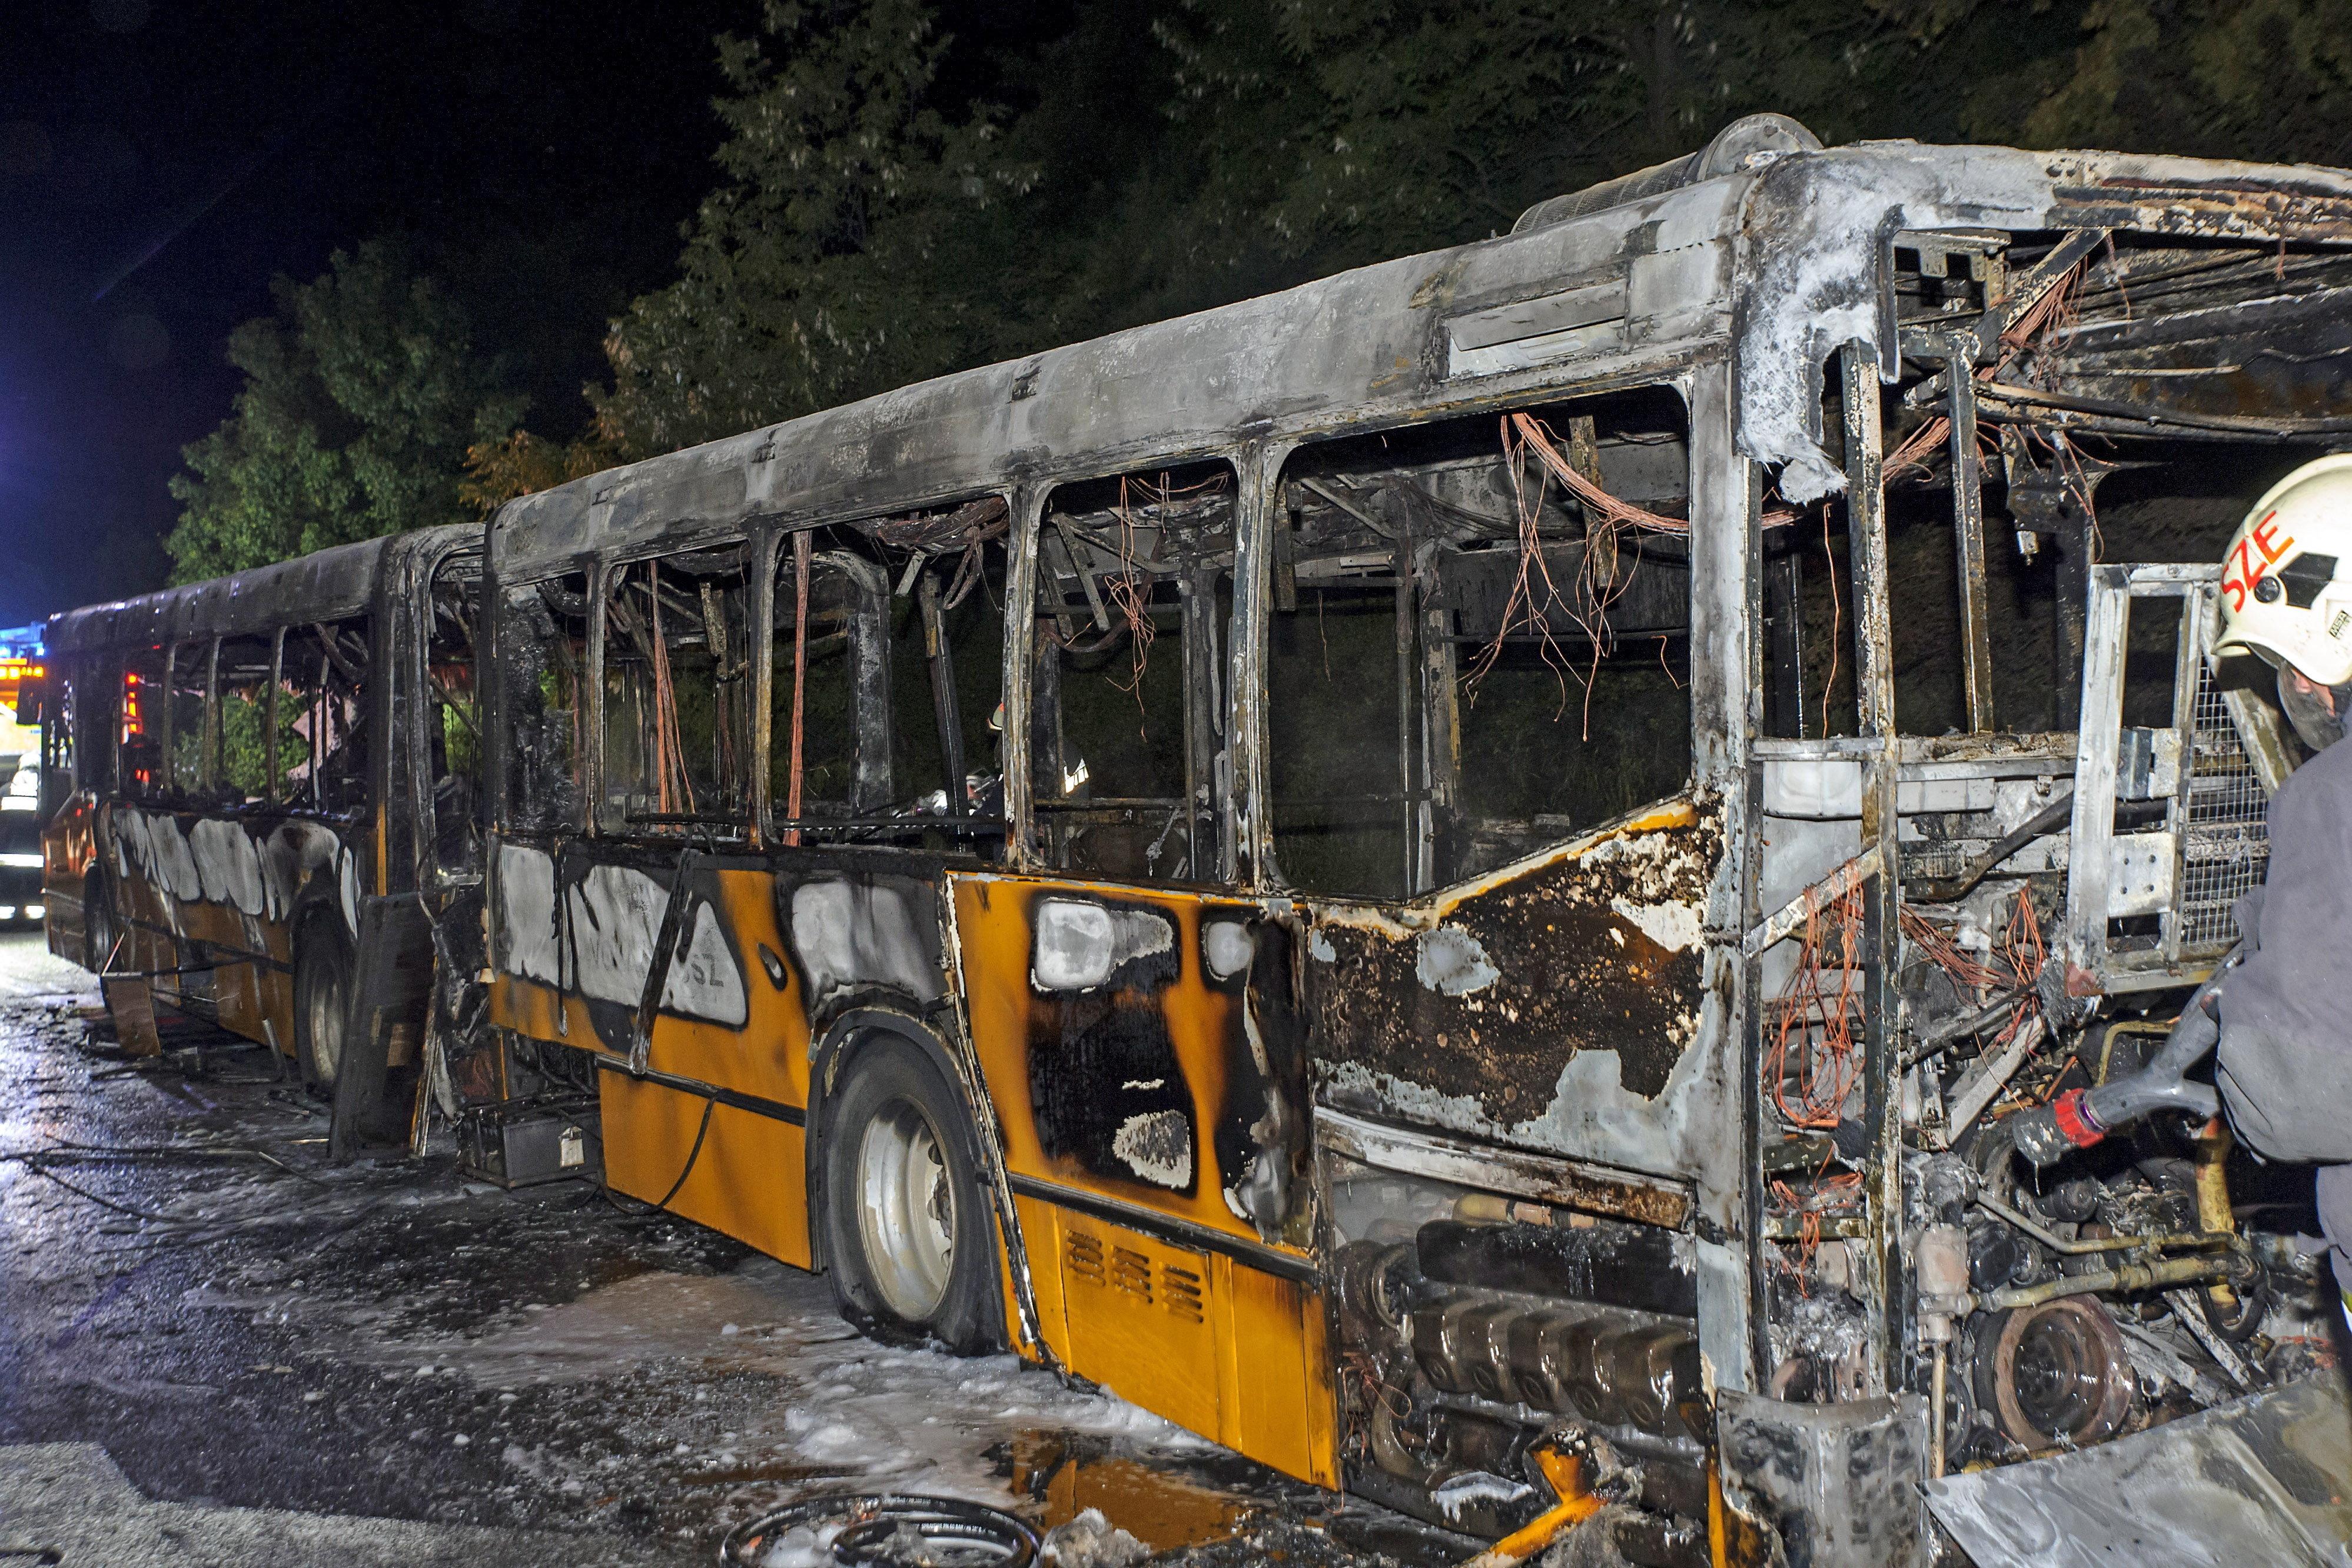 Teljesen kiégett egy csuklós busz az M7-esen péntek este